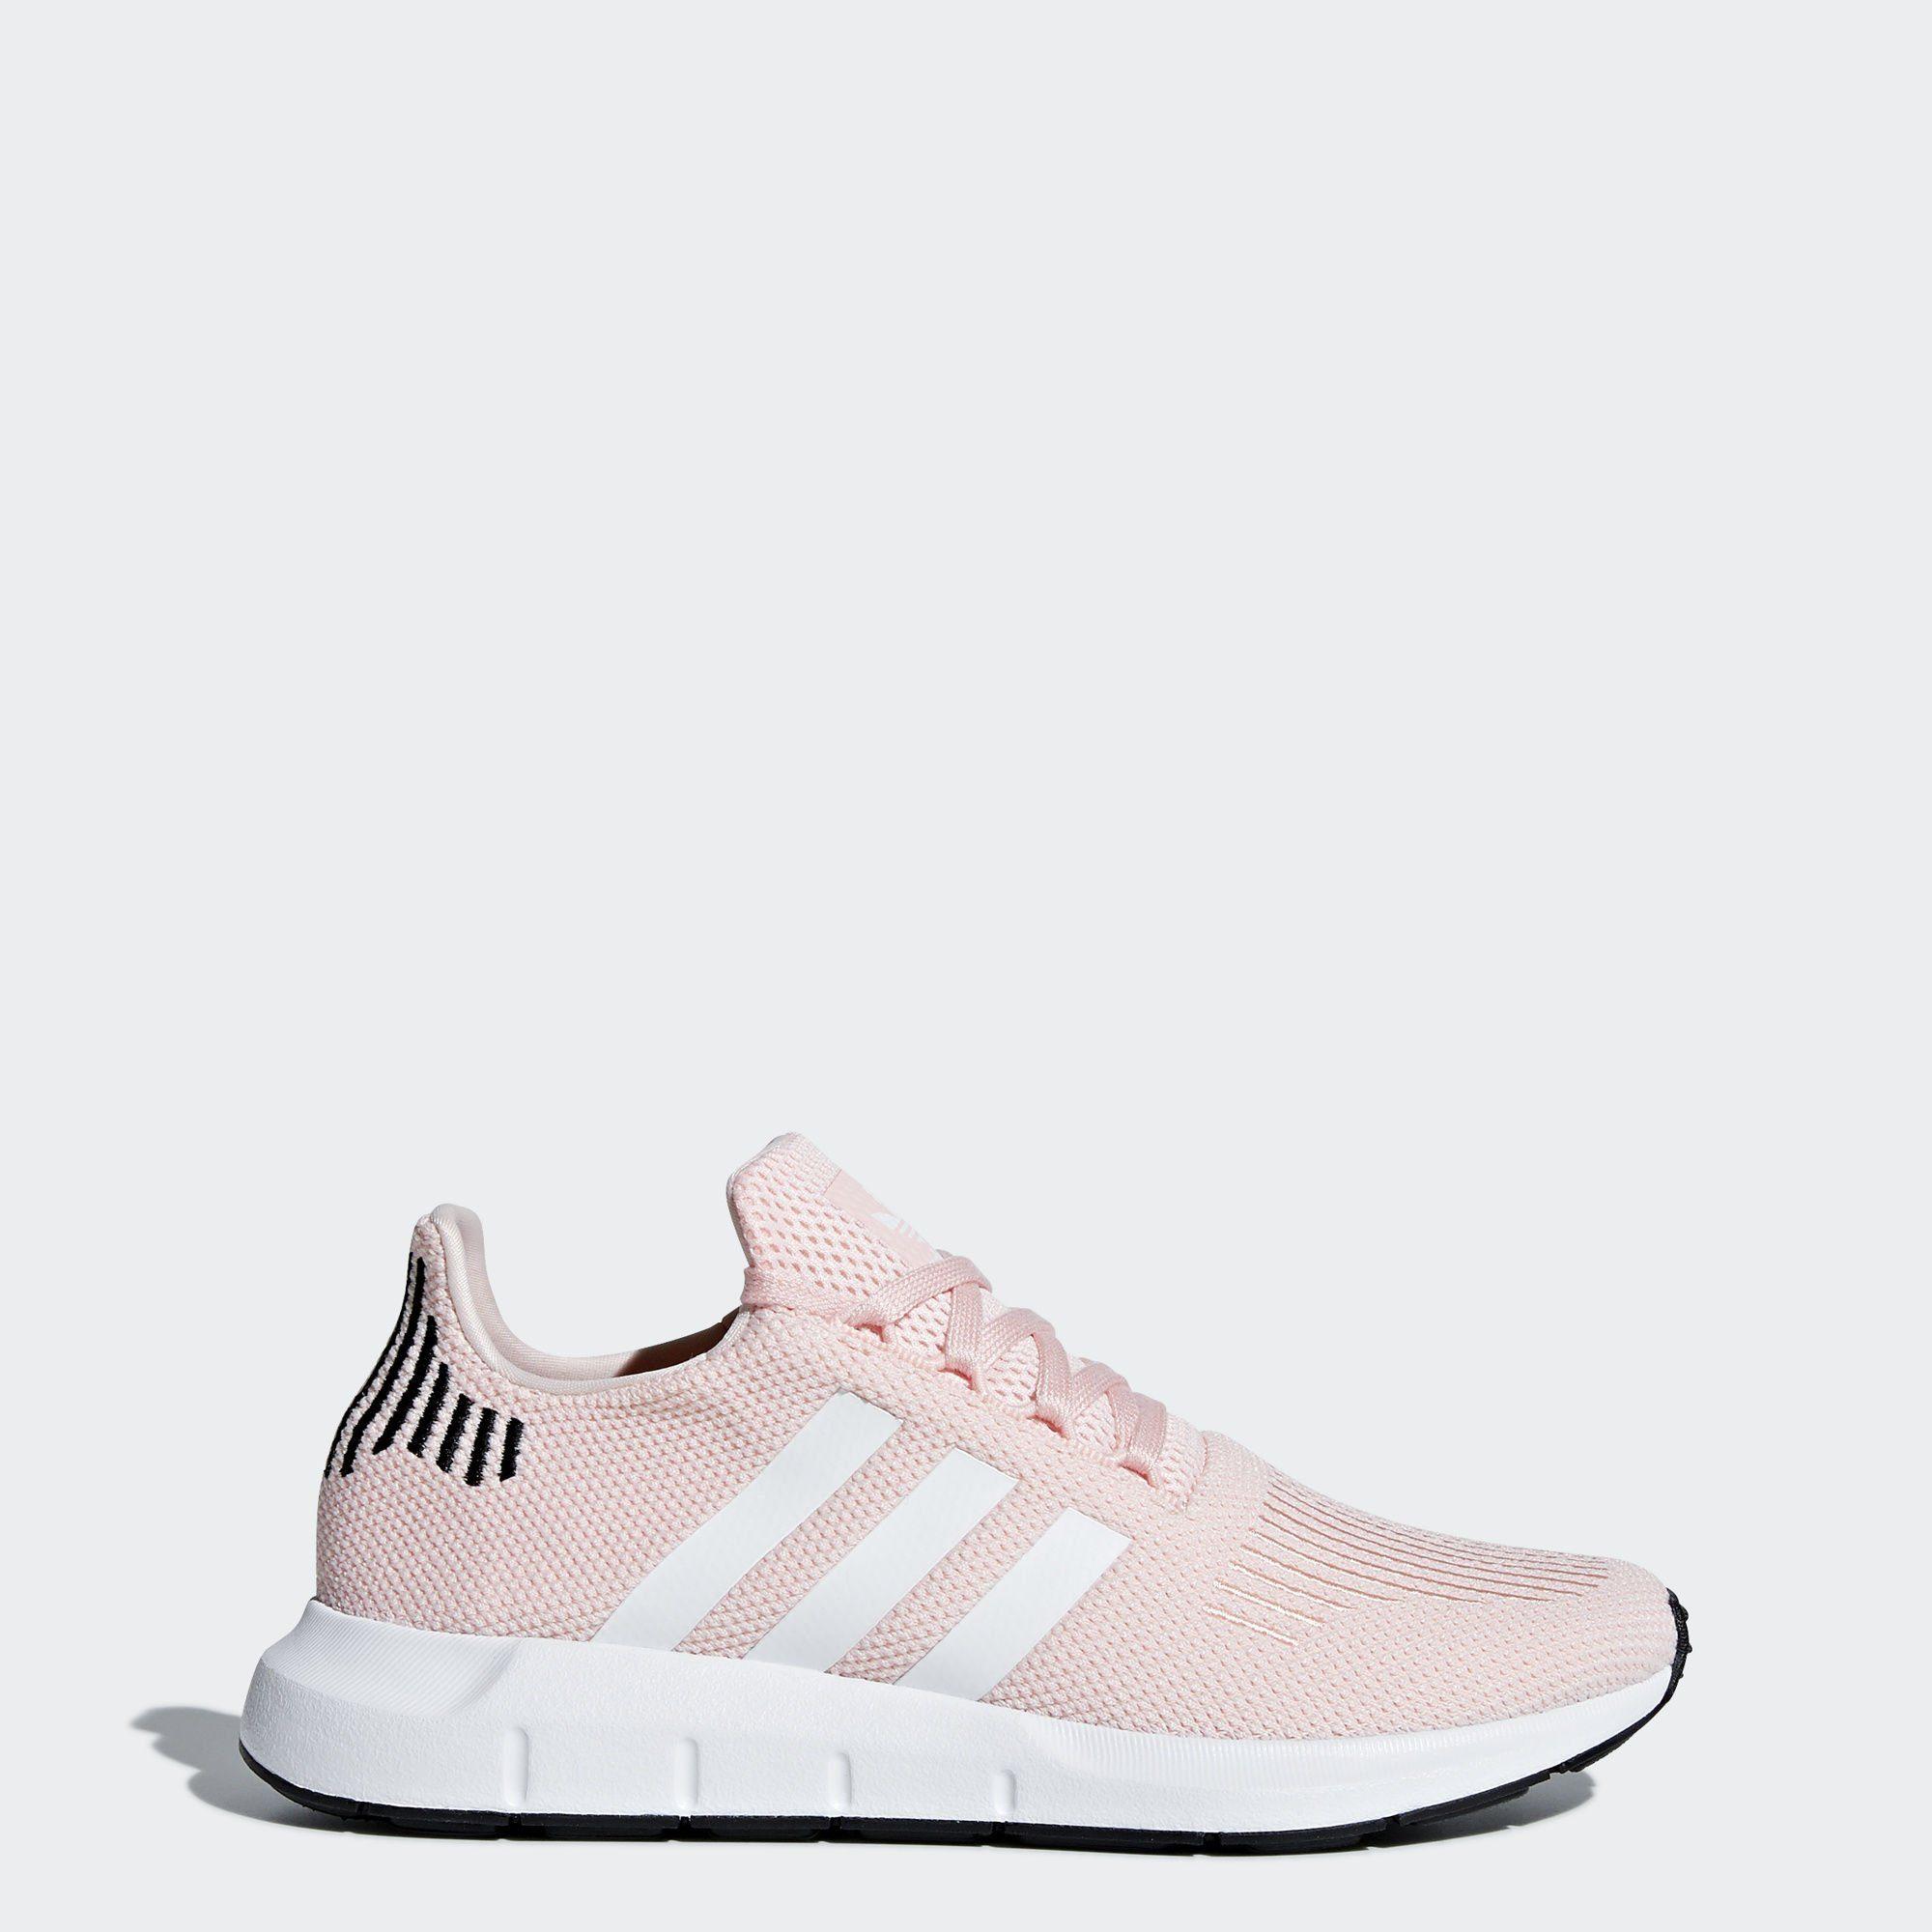 adidas Originals Swift Run Schuh Sneaker kaufen  pink